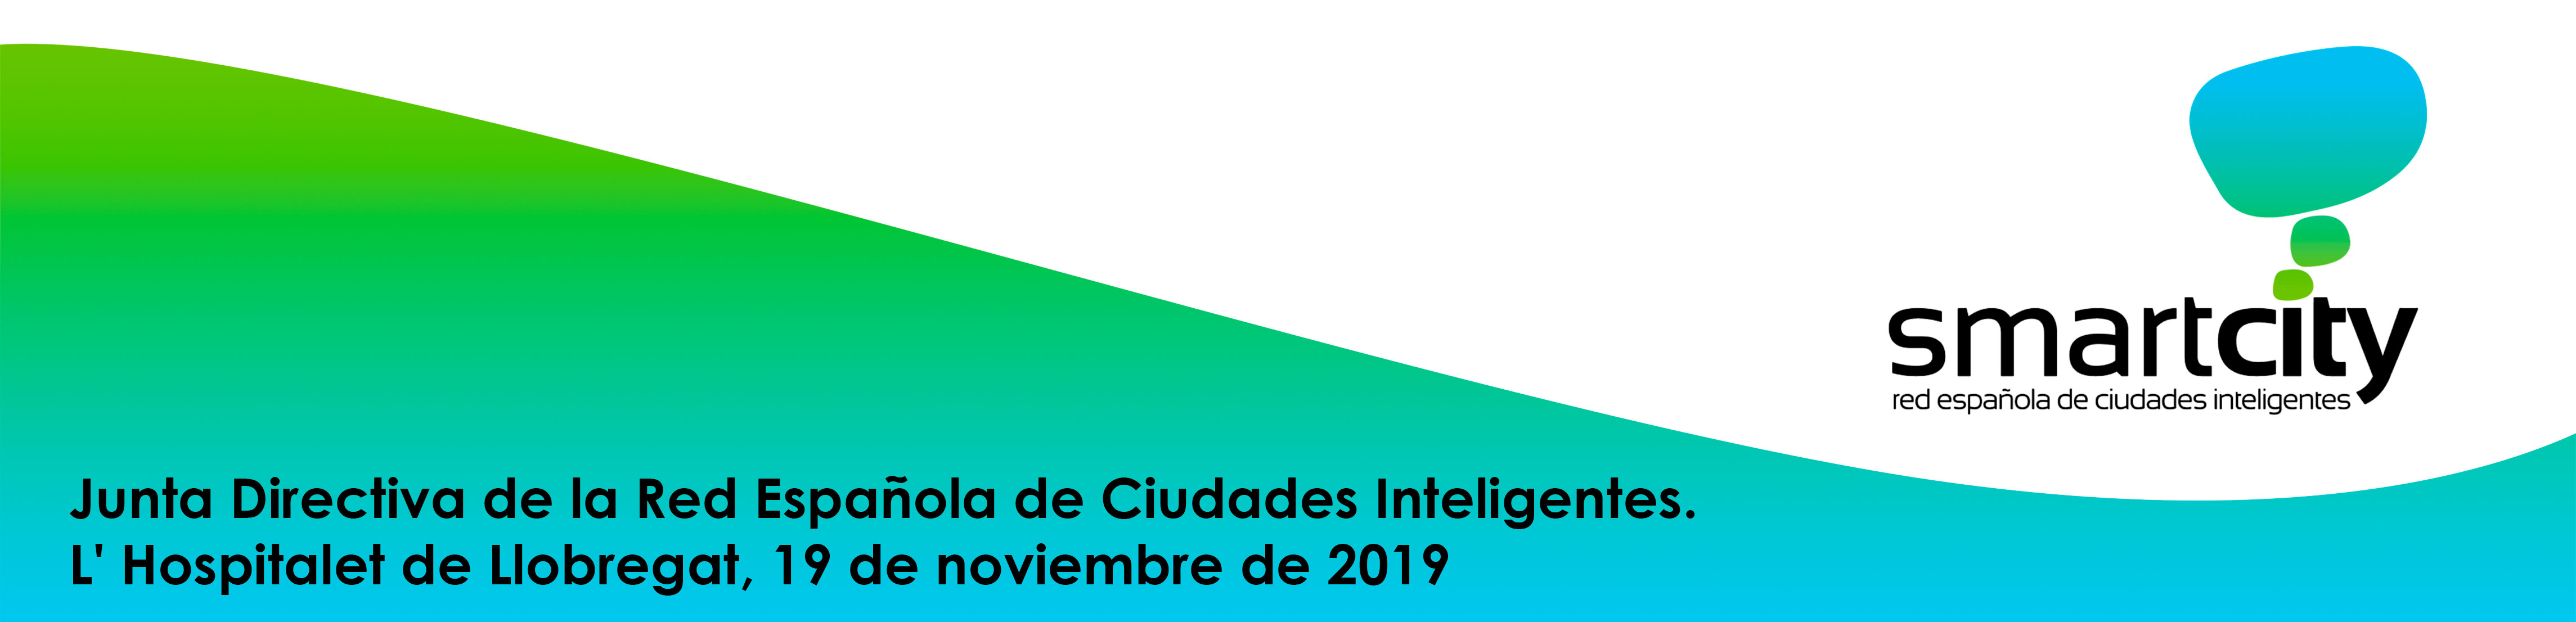 Junta Directiva de la Red Española de Ciudades Inteligentes